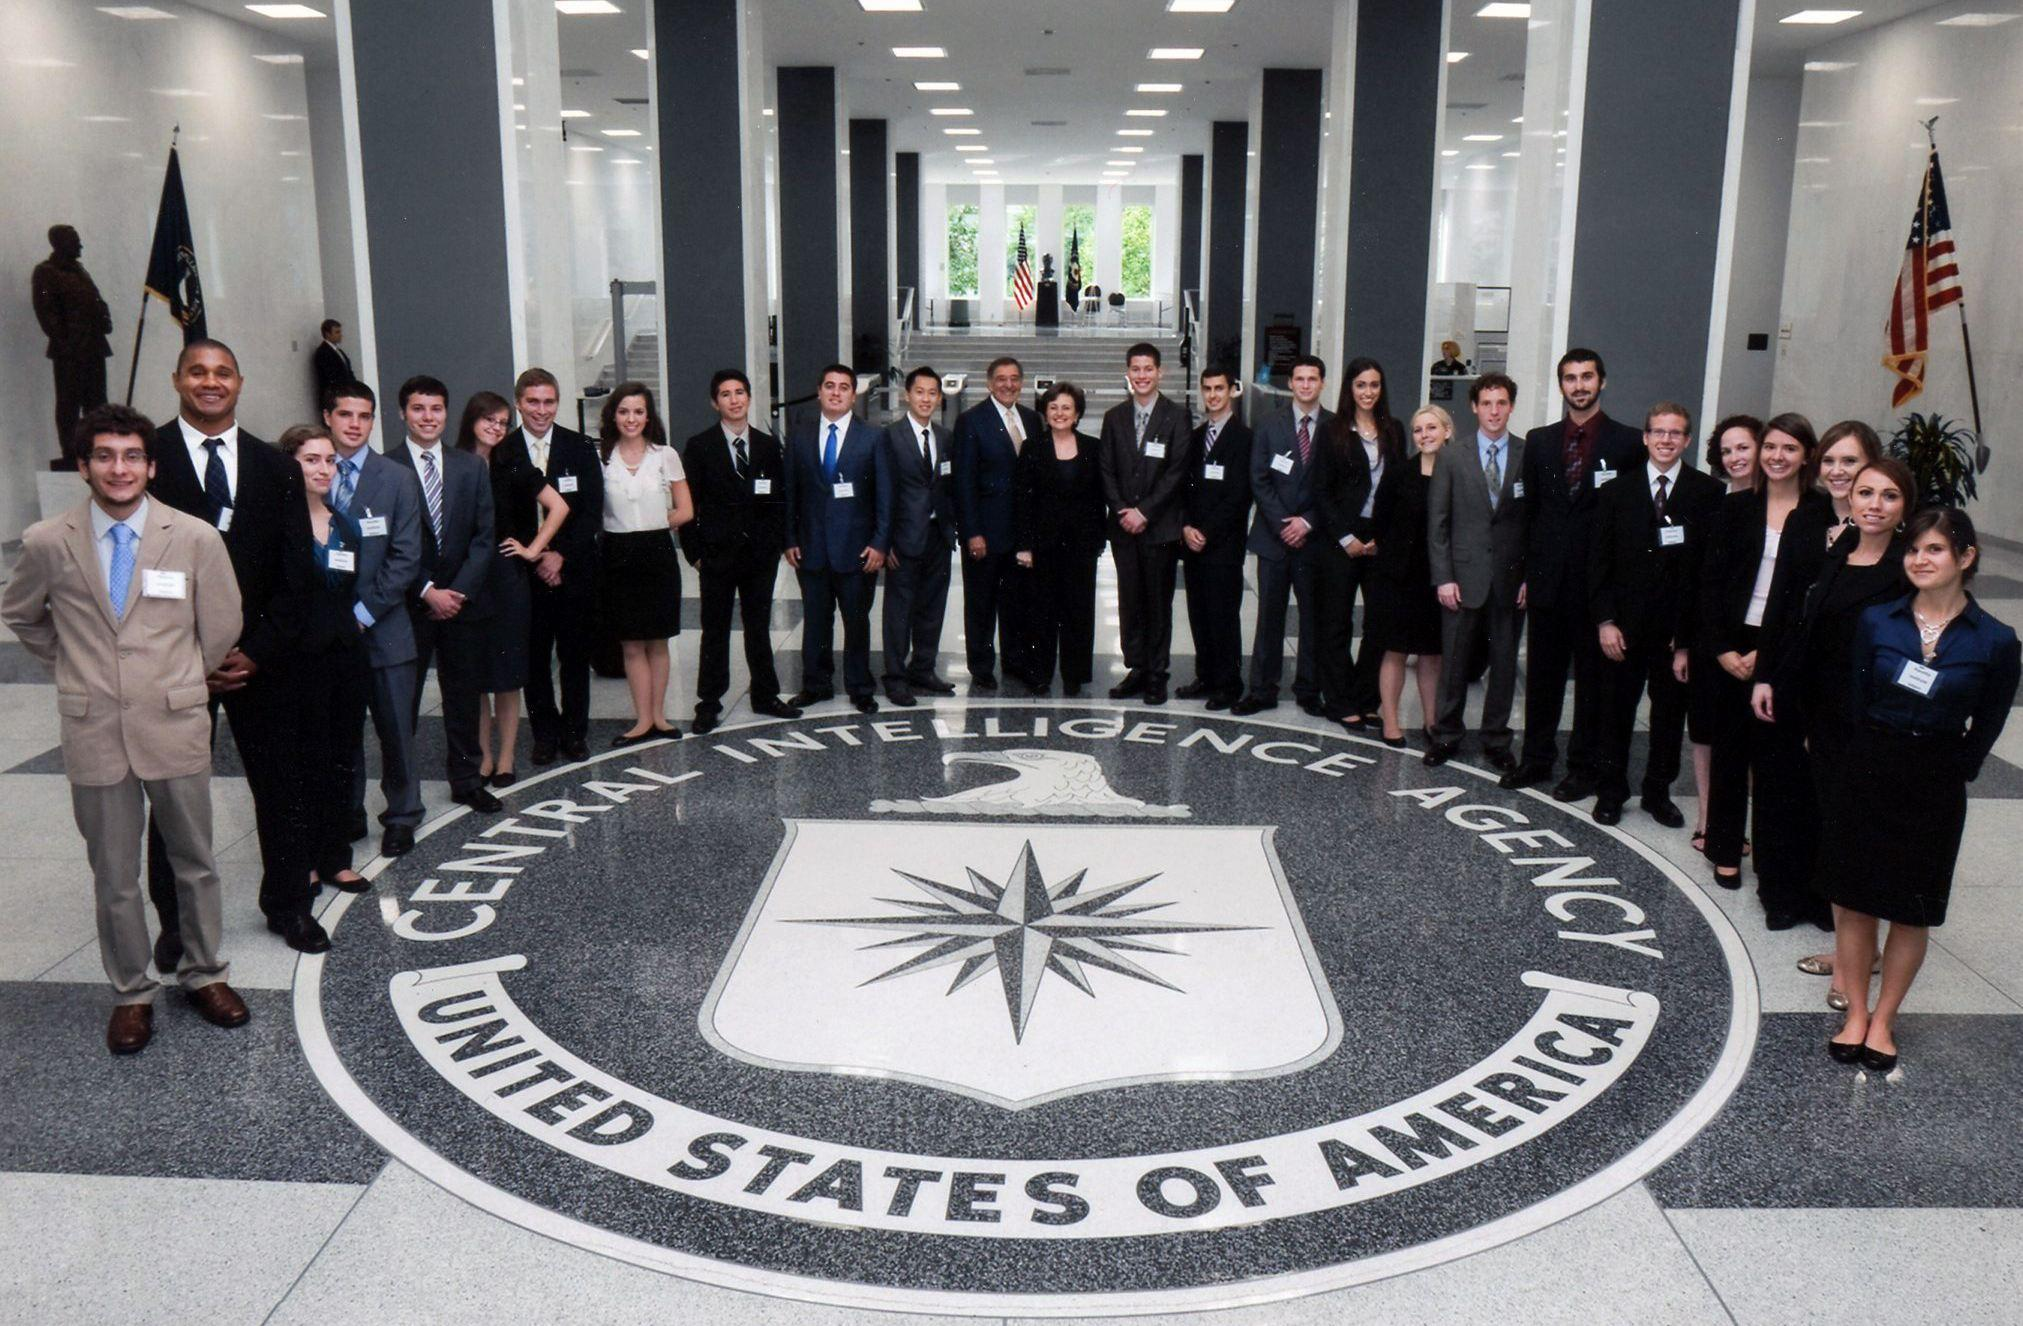 海外网评:CIA再爆窃密丑闻,美国欠世界一个说法